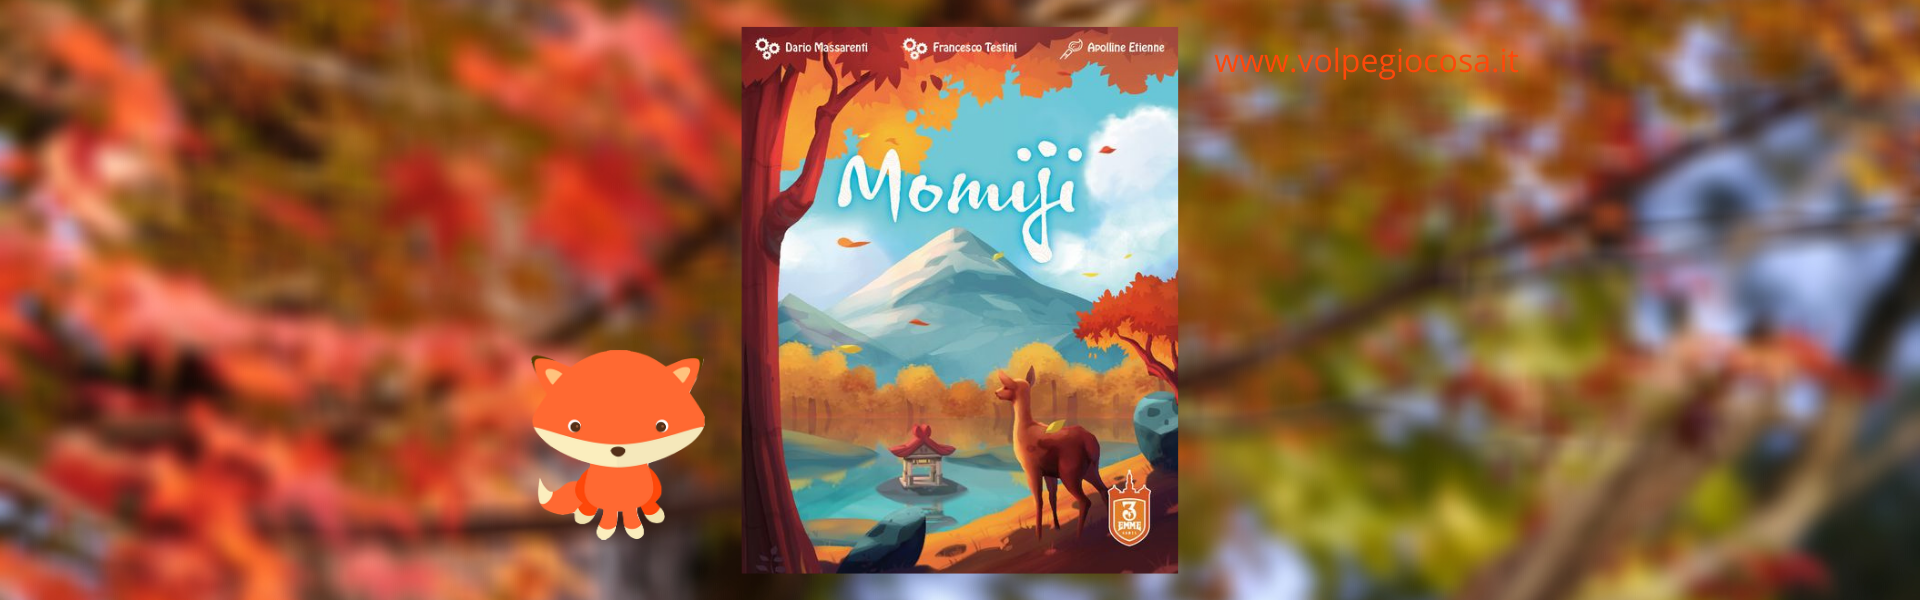 Momiji: un gioco di carte nell'autunno giapponese